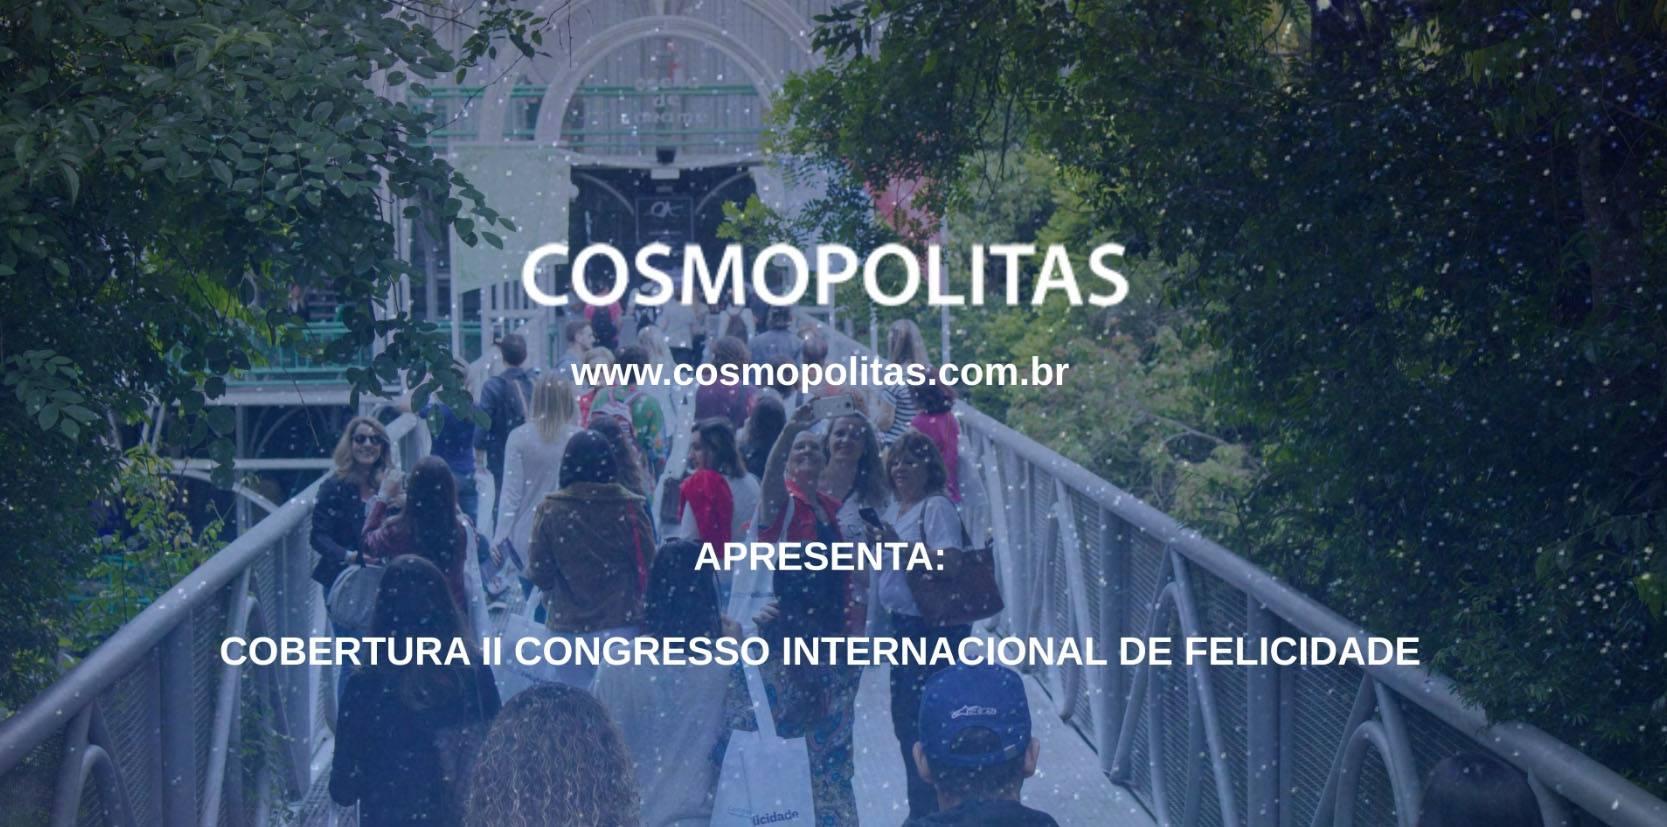 Congresso Internacional de Felicidade